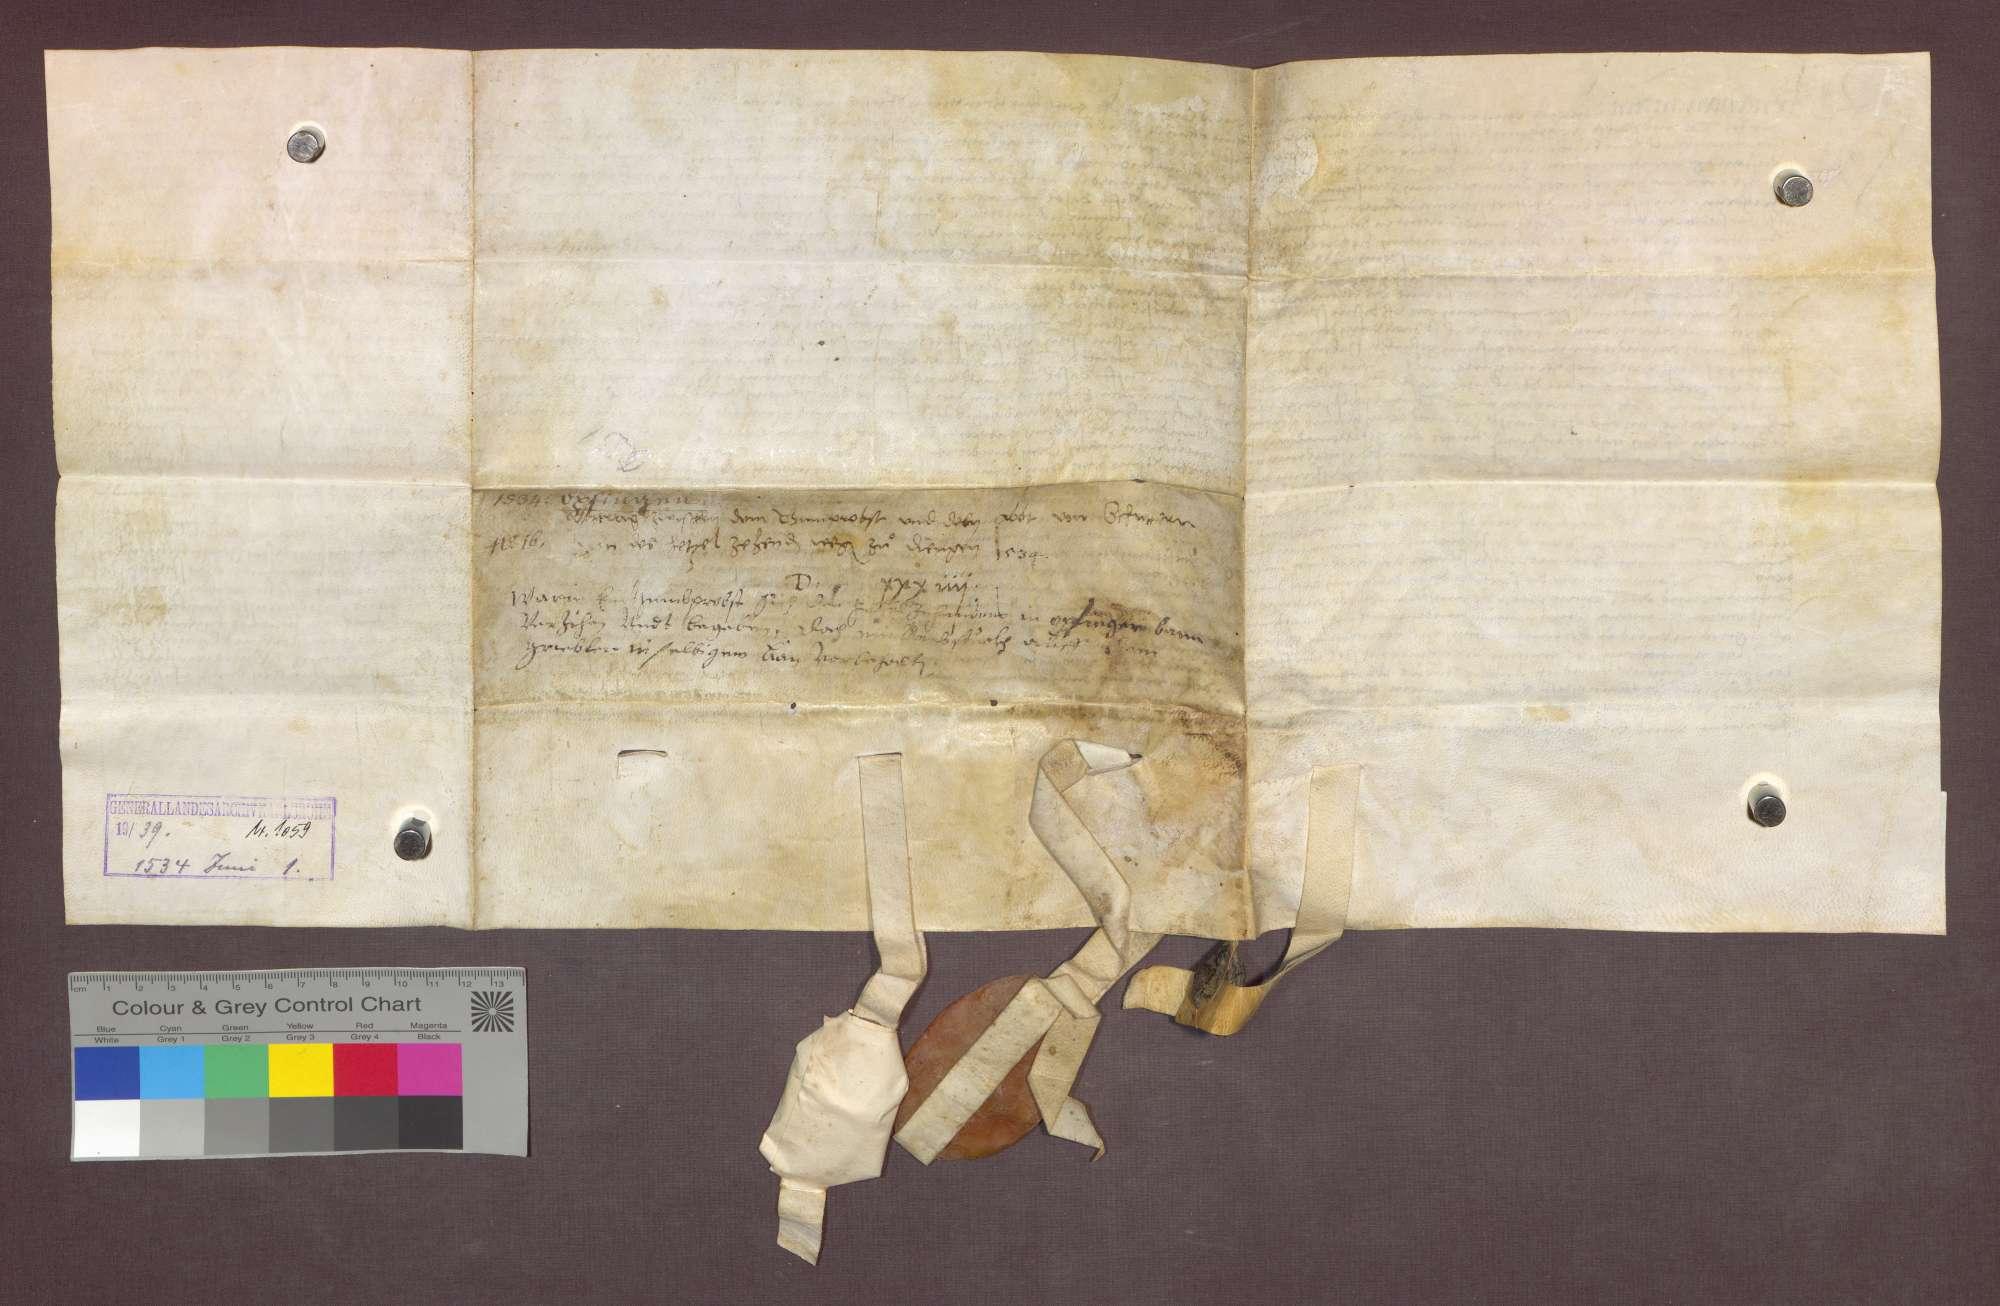 Vergleich zwischen dem Basler Domkapitel und dem Kloster Schuttern über einen Zehnt zu Opfingen., Bild 2